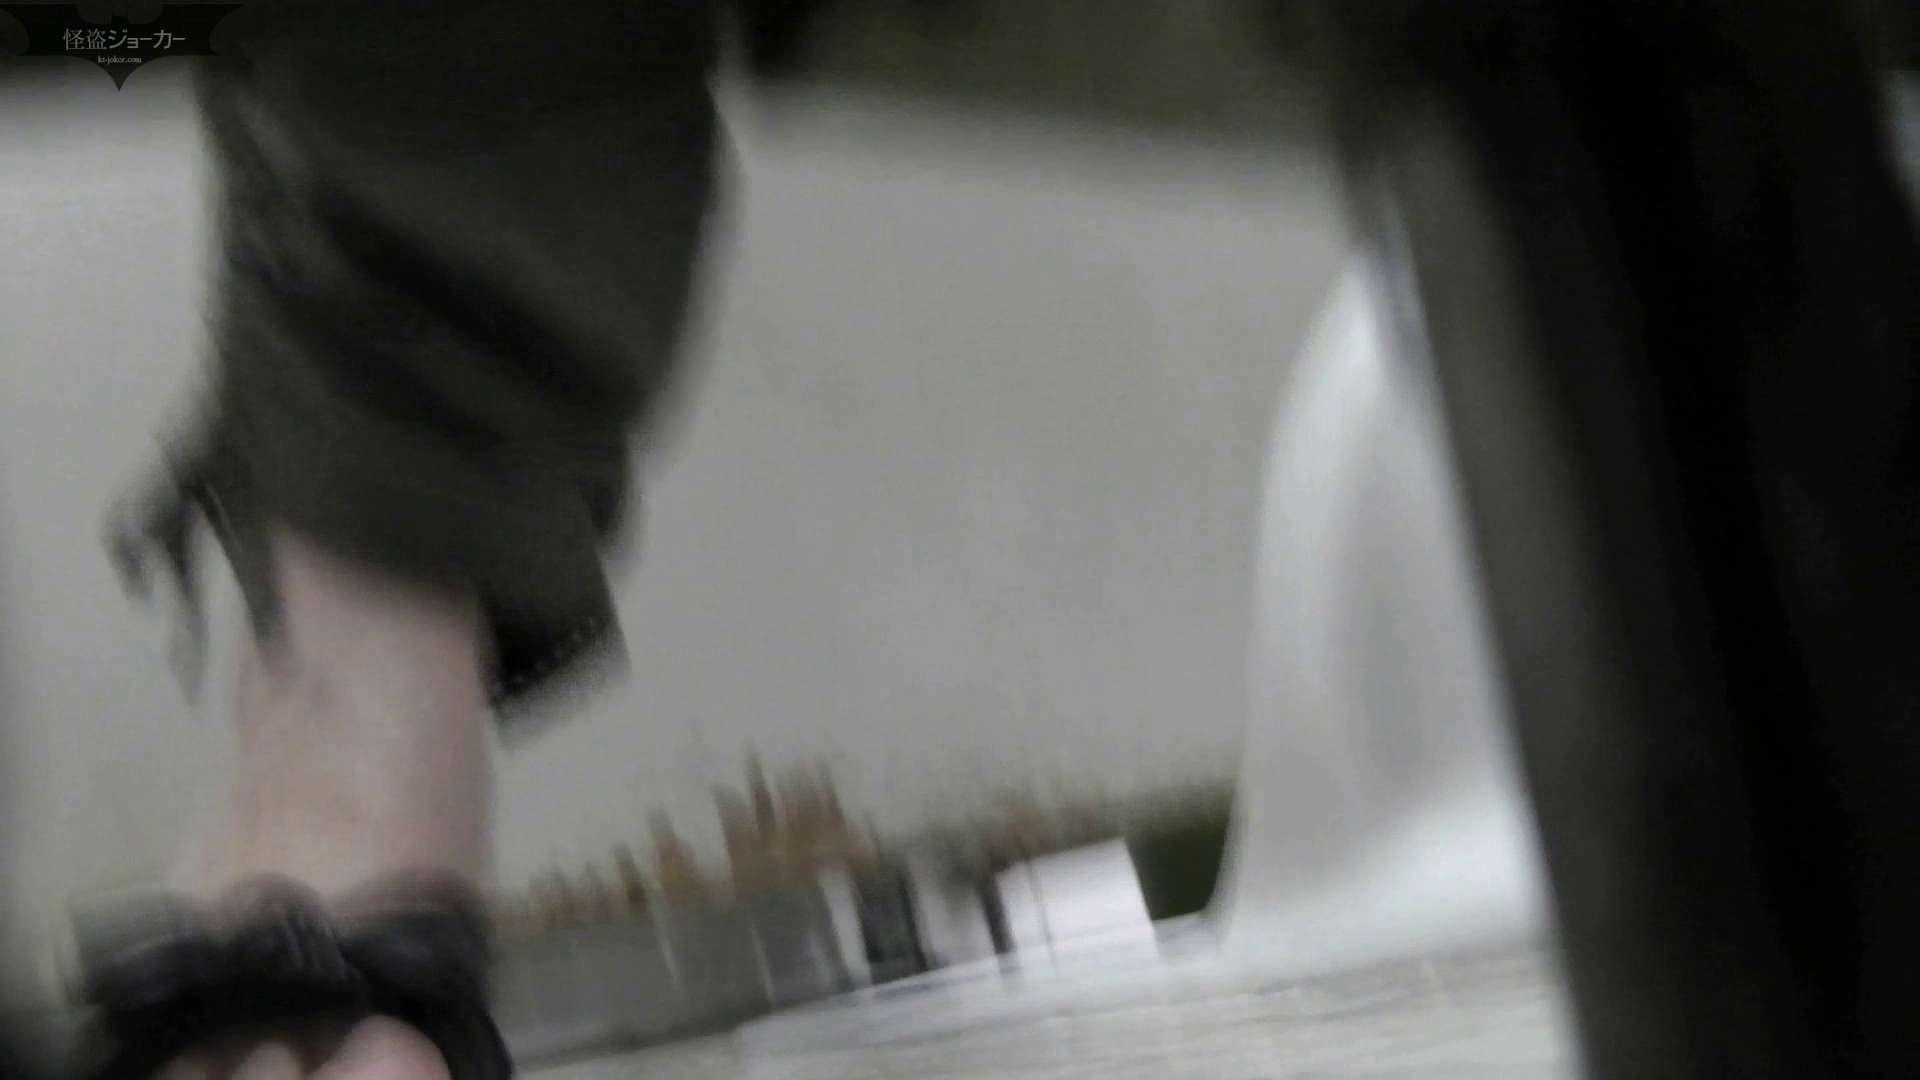 【美しき個室な世界】洗面所特攻隊 vol.046 更に進化【2015・07位】 盛合せ オマンコ動画キャプチャ 96枚 69